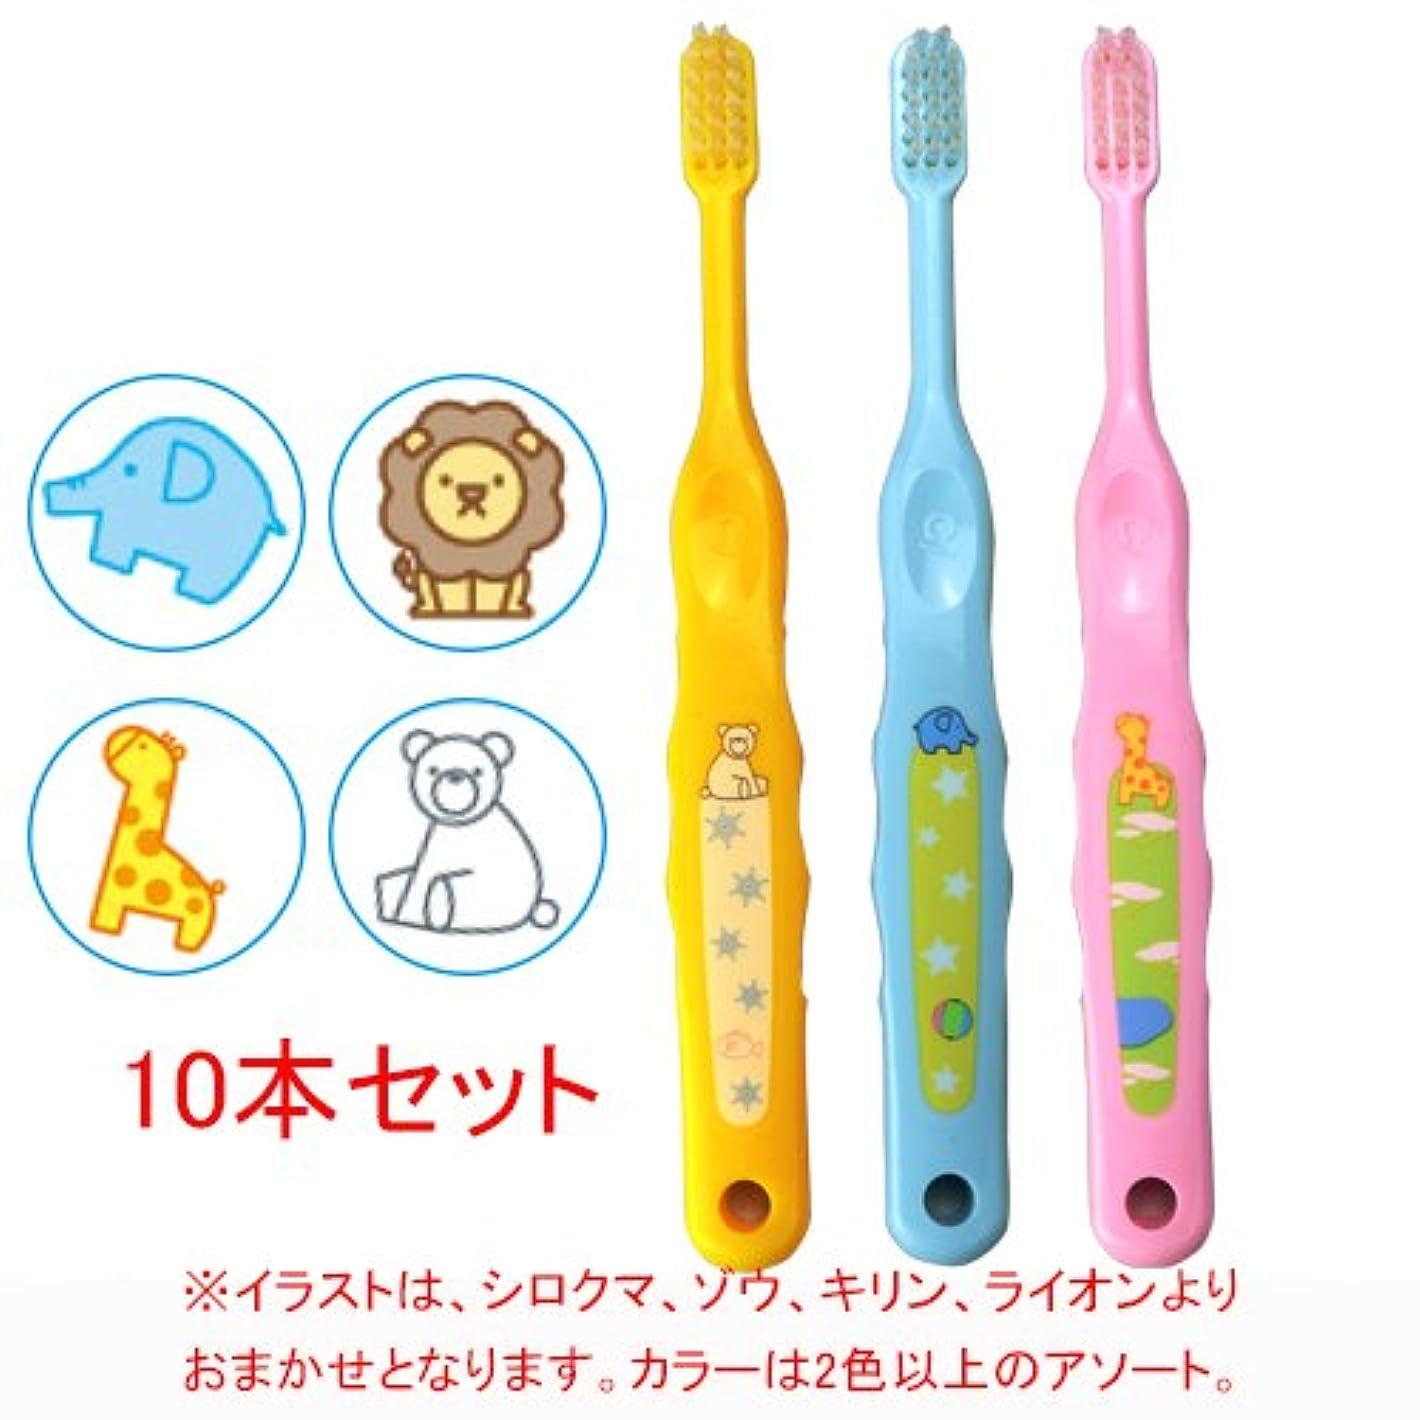 広い彫る単語Ciメディカル Ci なまえ歯ブラシ 503 (やわらかめ) (乳児~小学生向)10本